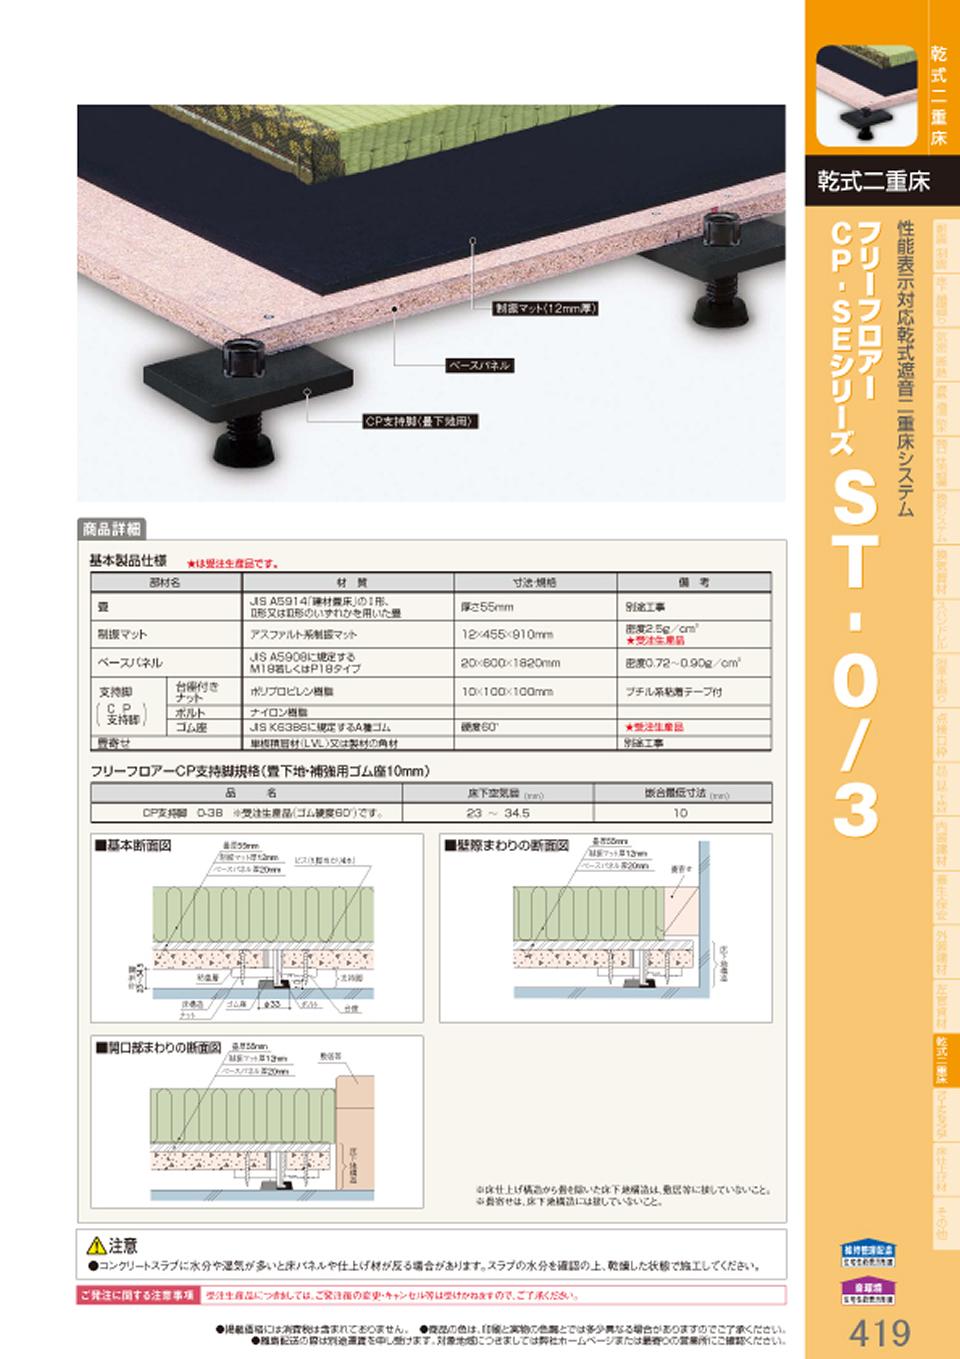 乾式二重床 性能表示対応乾式遮音二重床システム フリーフロアー CP・SEシリーズST-0/3